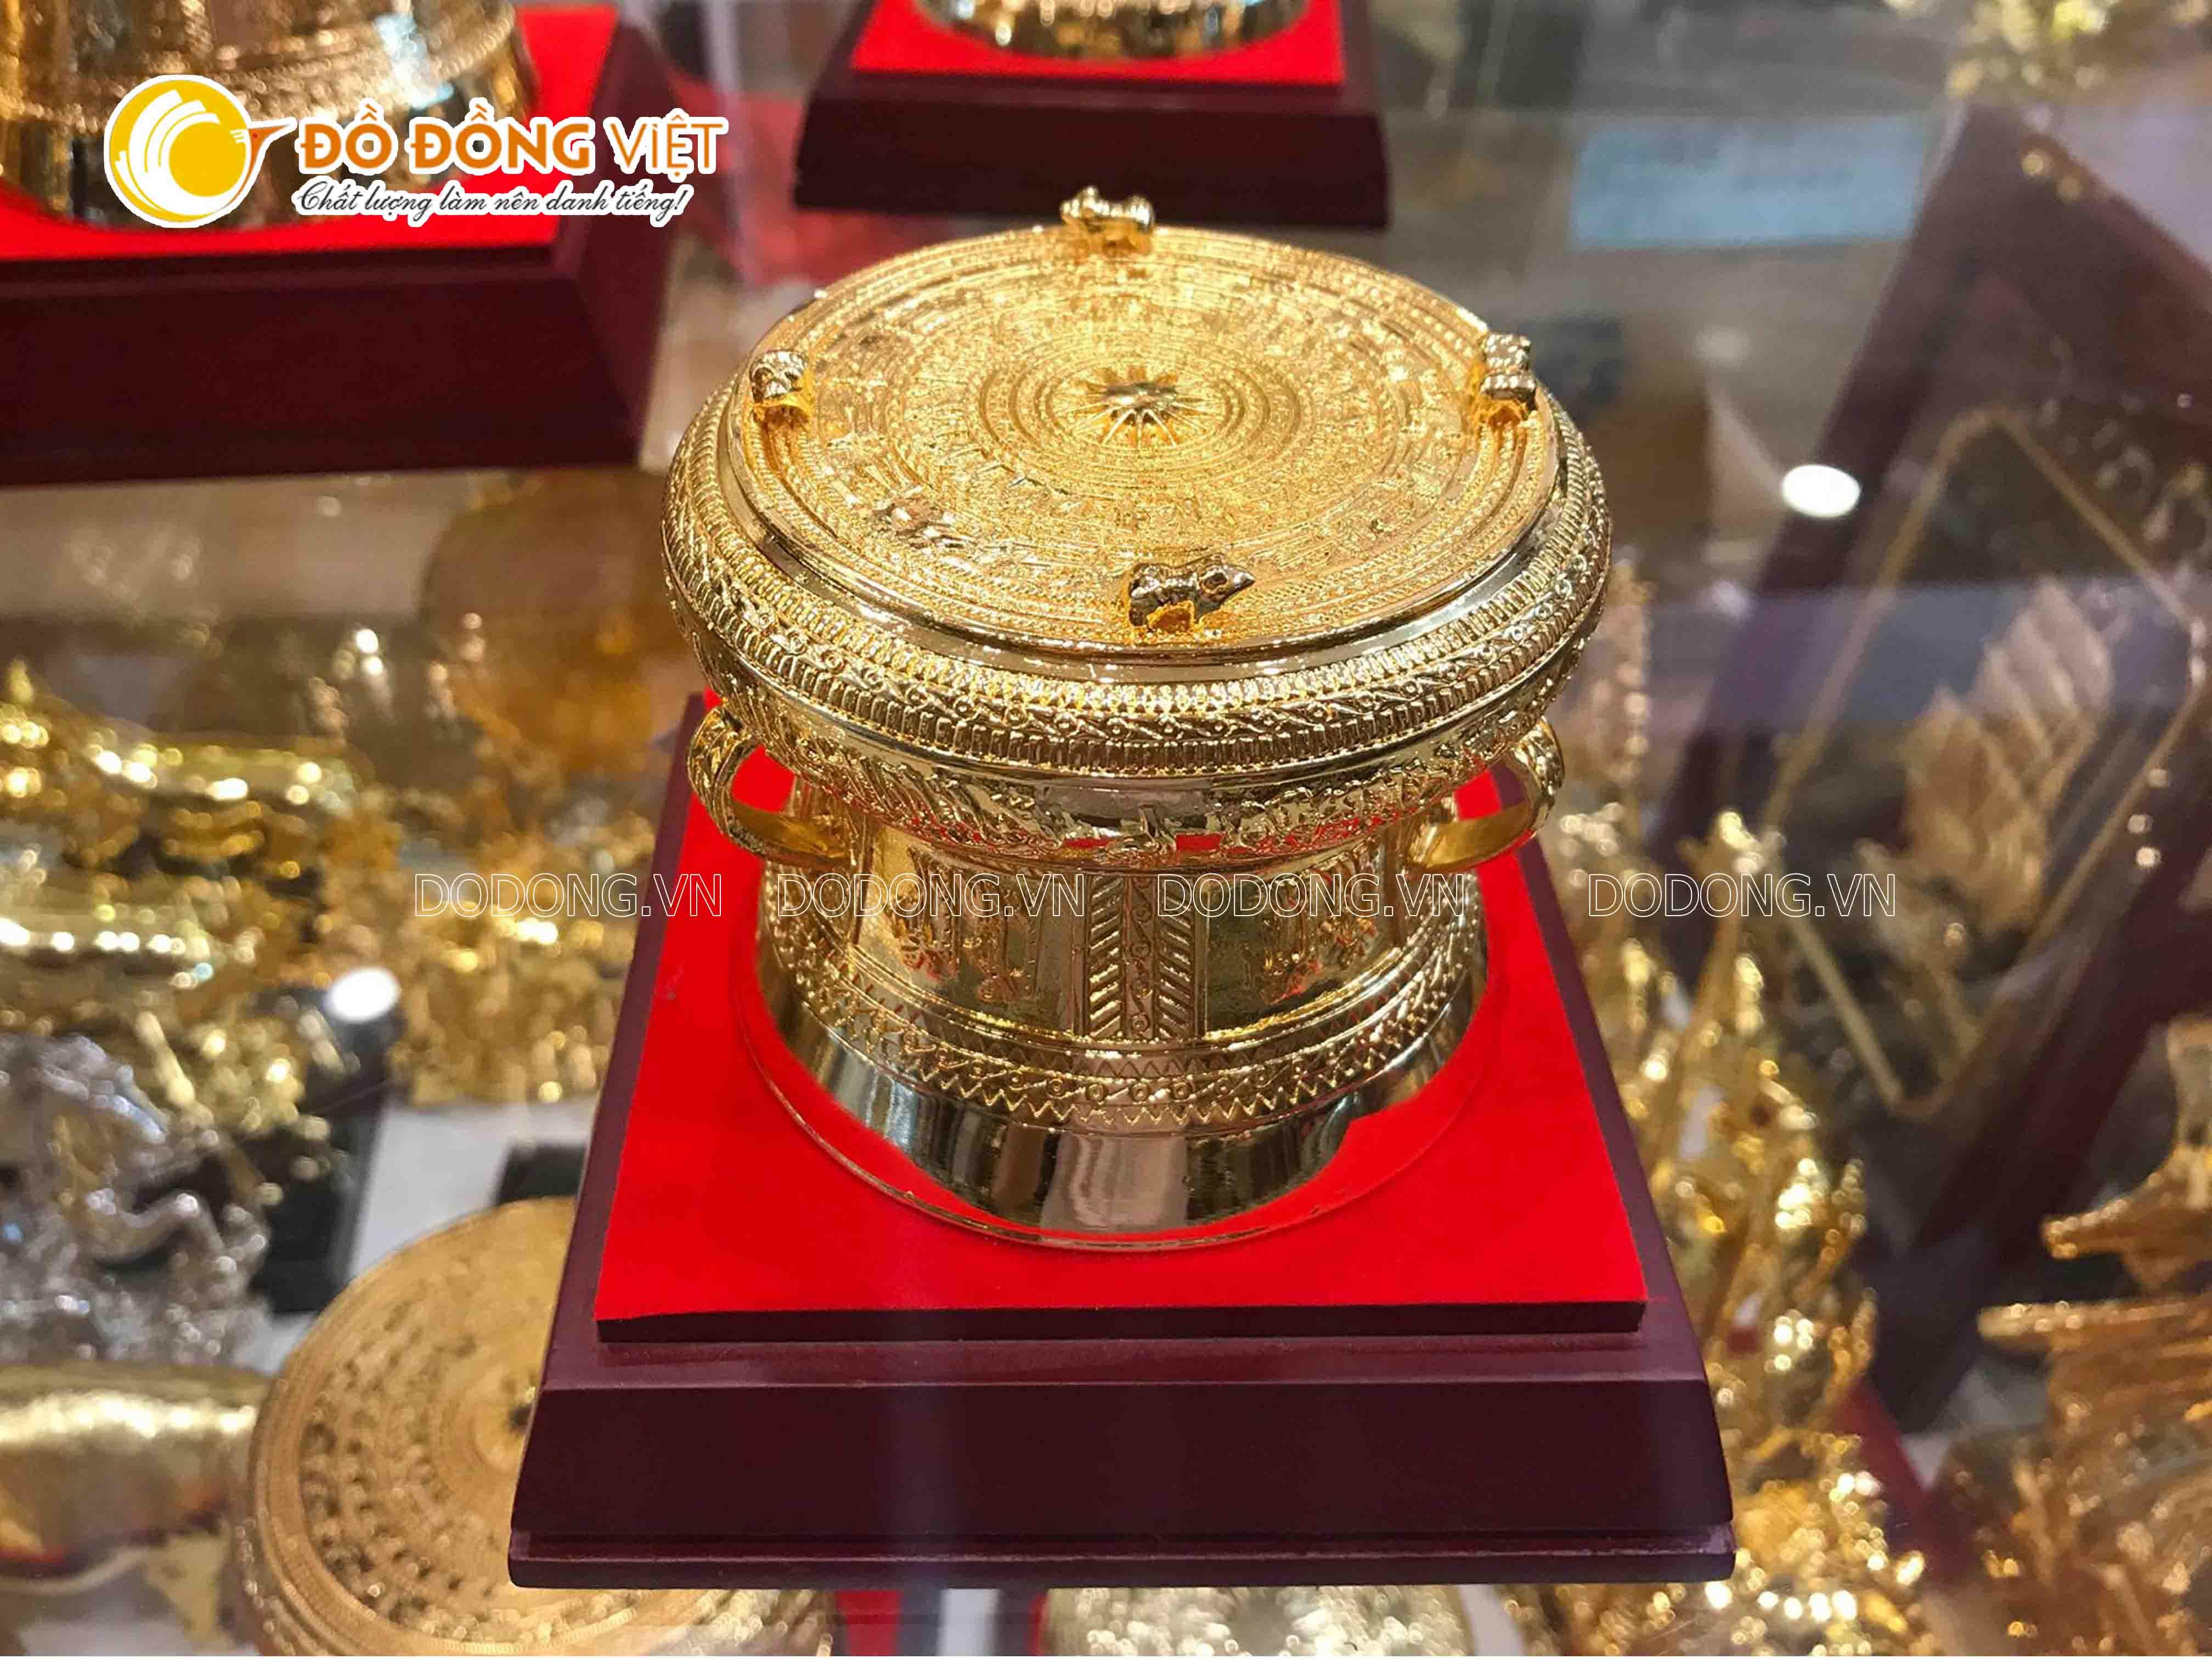 Trống đồng mạ vàng 15 cm0